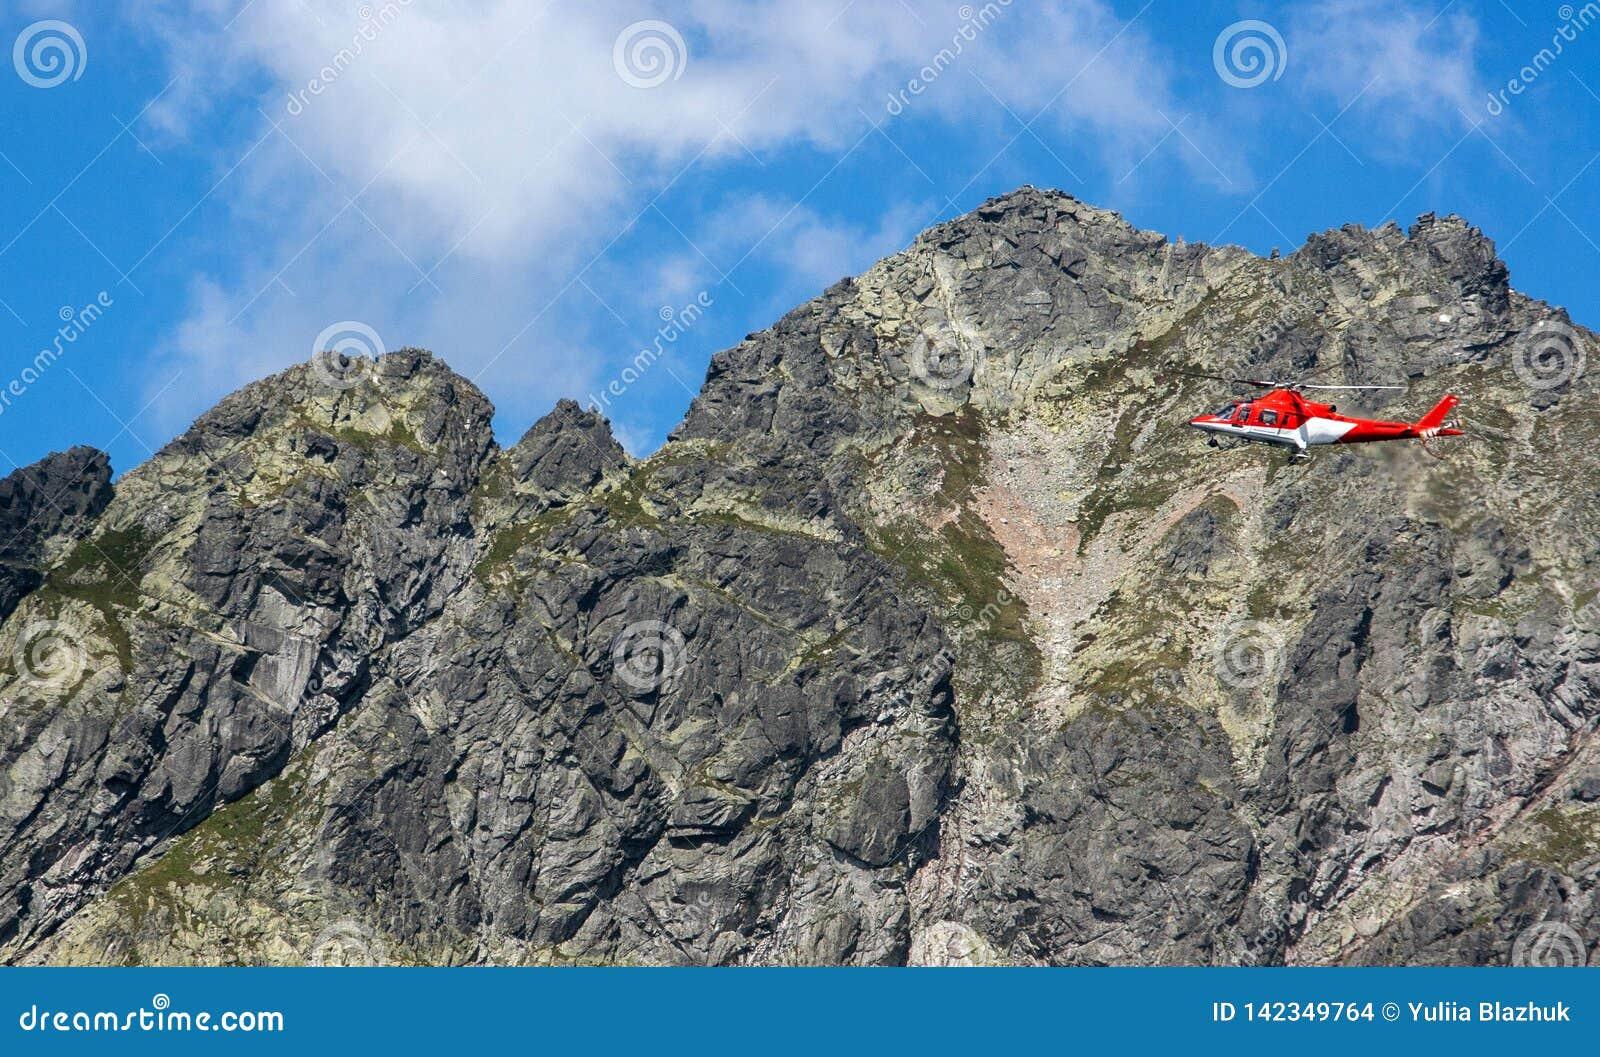 Ratowniczy śmigłowcowy latanie w skalistych górach